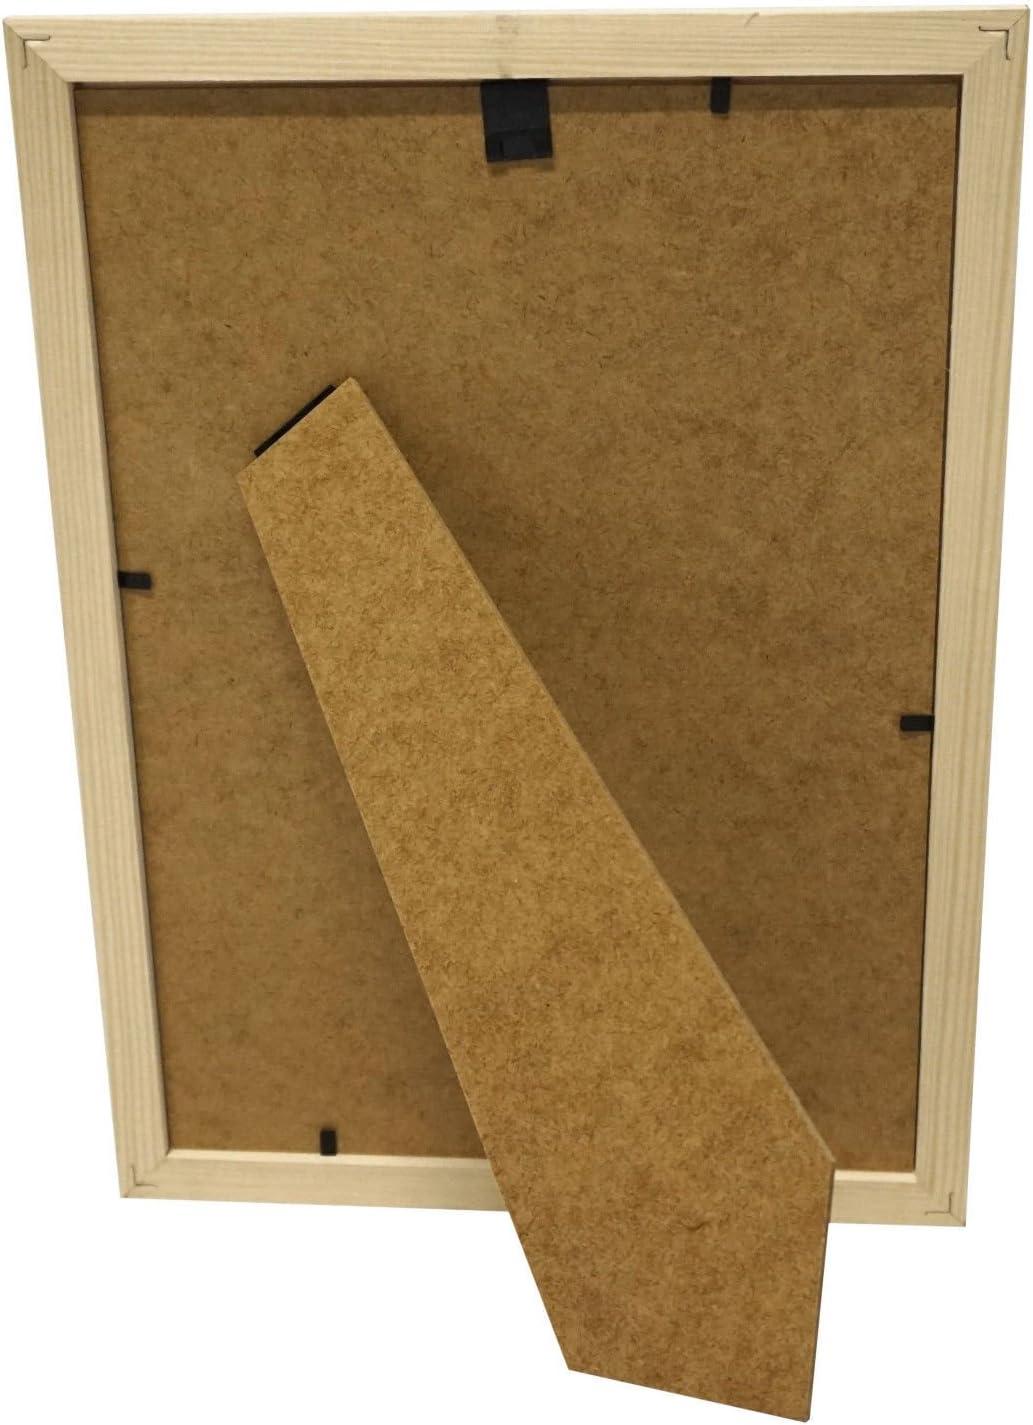 Artepoint Holz Bilderrahmen Natur von 9x13 bis 50x70 Querformat und Hochformat zum Aufh/ängen und Aufstellen Rahmen KIEFERNHOLZ Farbe Rosa Format 20x30